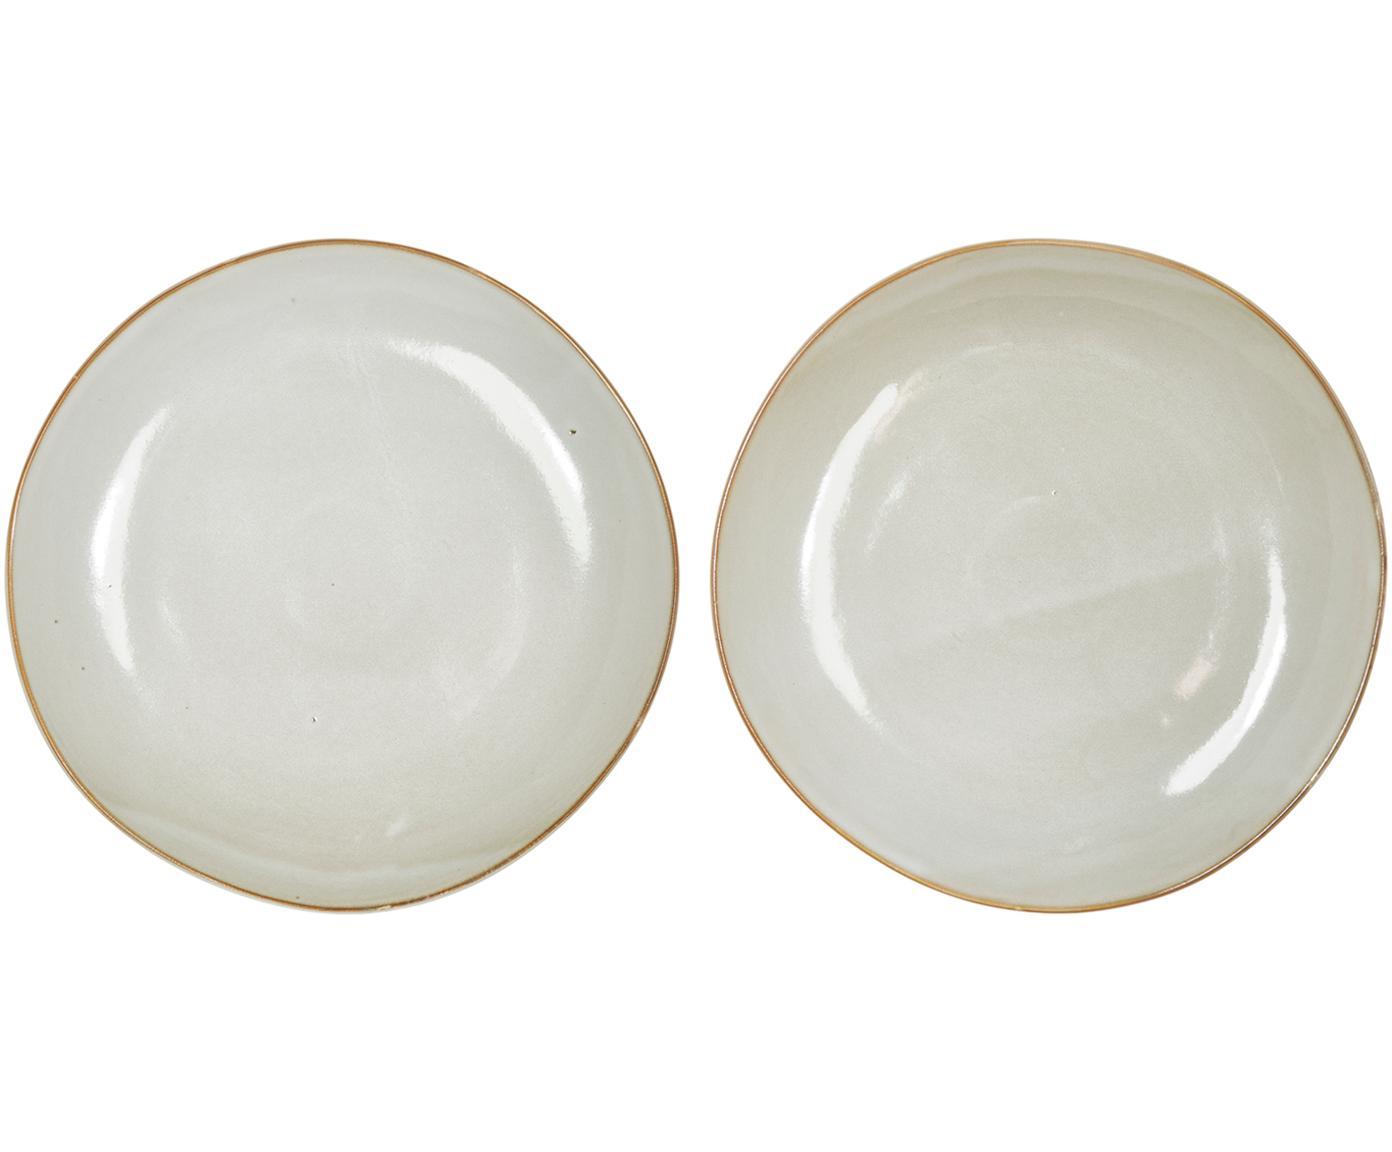 Platos llanos artesanales Thalia, 2uds., Cerámica, Crema con borde oscuro, Ø 27 cm